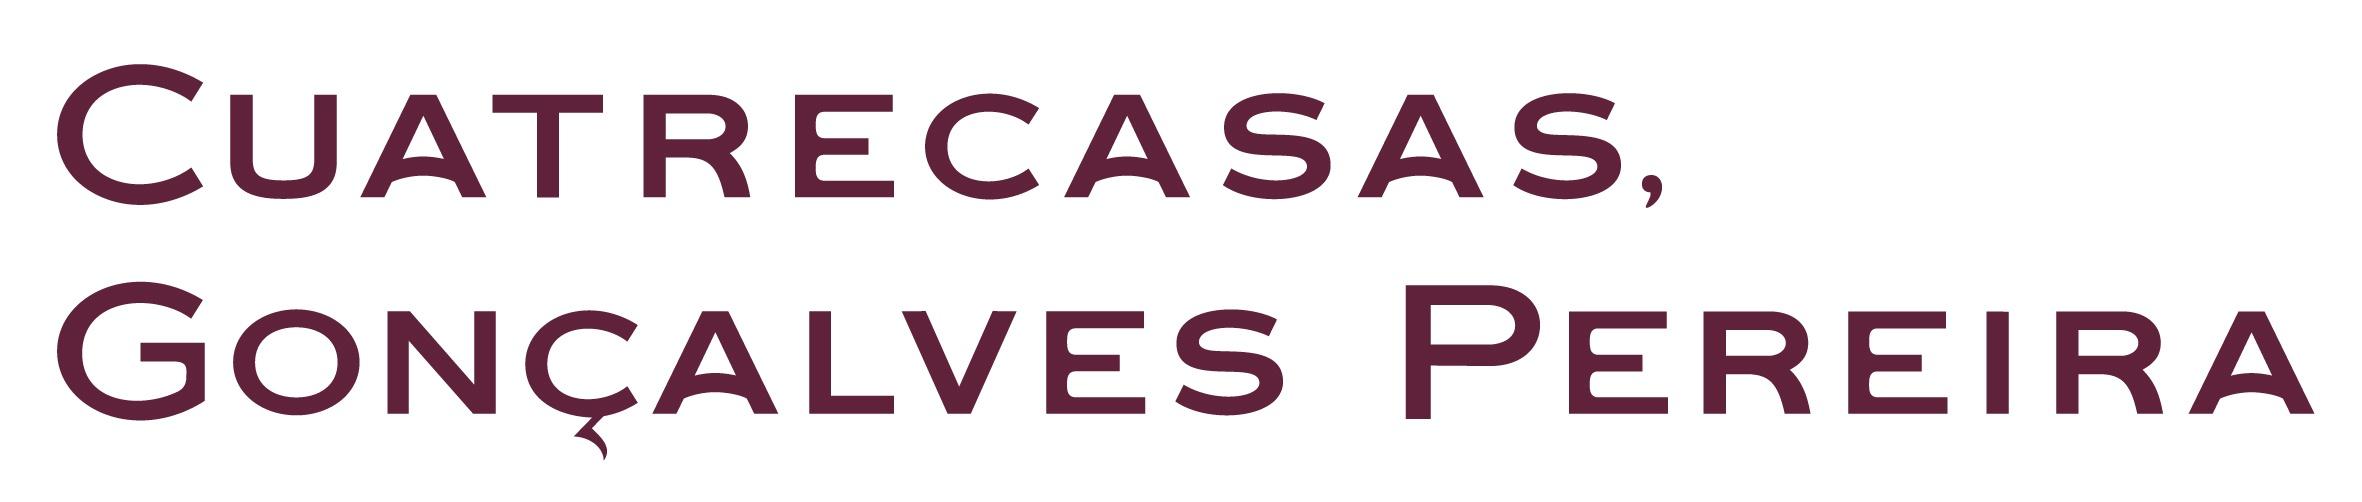 http://www.cuatrecasas.com/es/